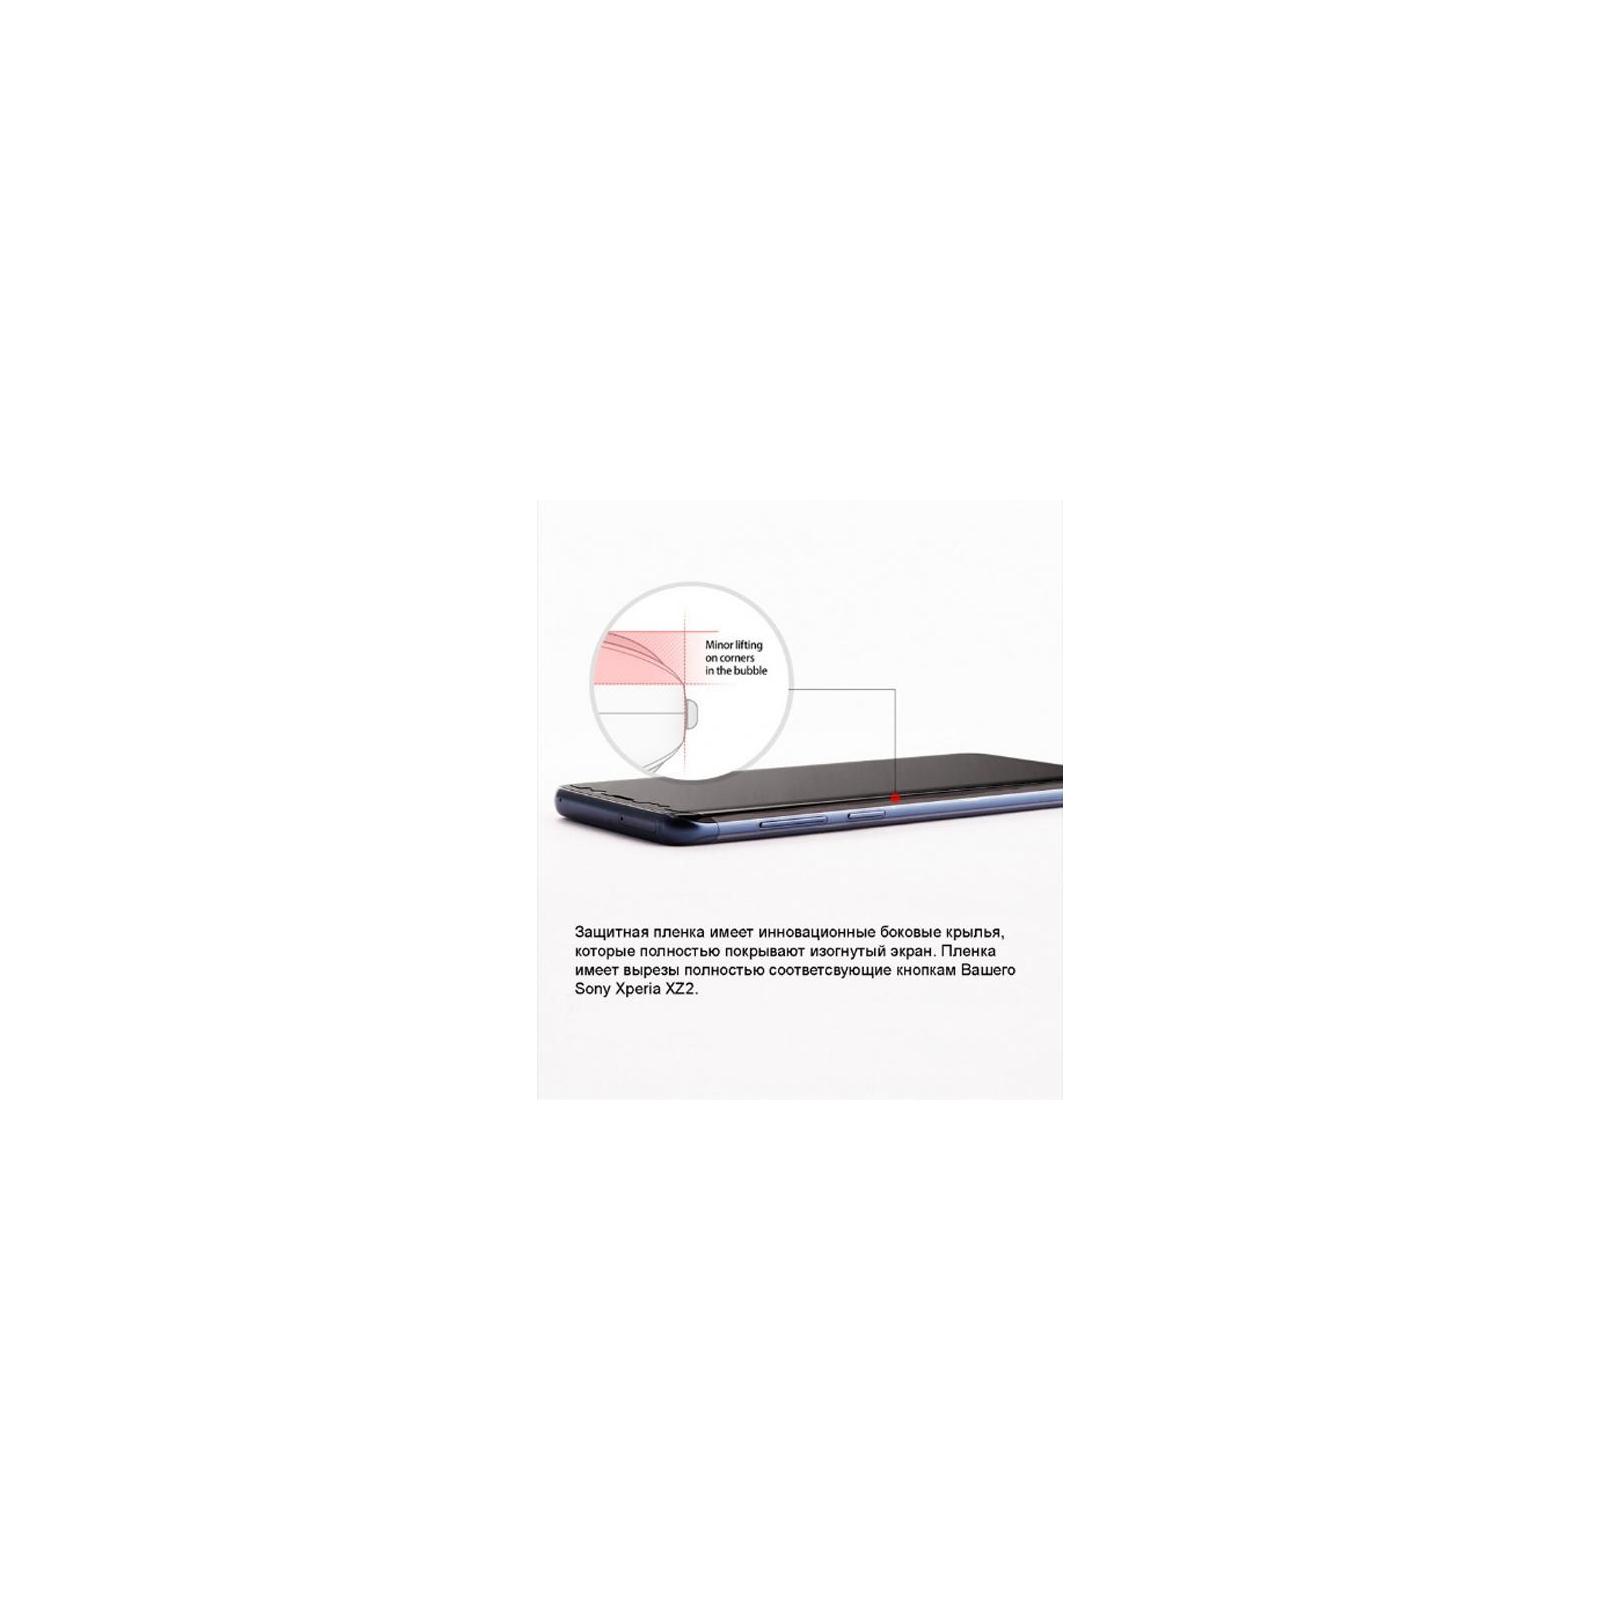 Пленка защитная Ringke для телефона Sony Xperia XZ2 Full Cover (RSP4455) изображение 10